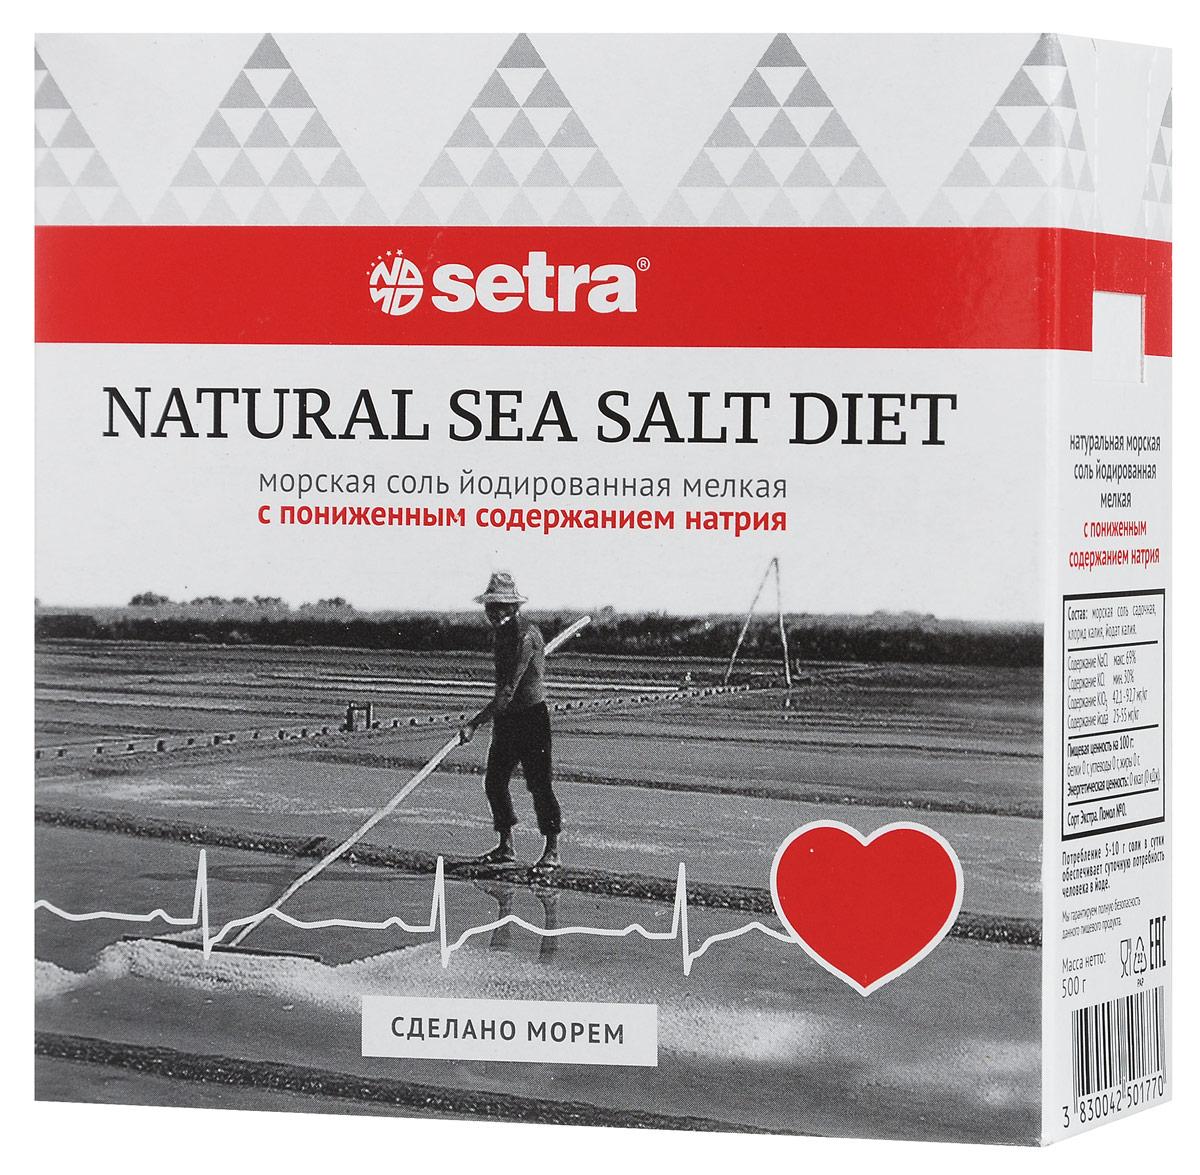 Setra соль морская мелкая йодированная с пониженным содержанием натрия, 500 гбте005Особая морская соль от Setra, в которой 30% хлорида натрия заменено на хлорид калия, магний и йод. Таким образом, используя привычное количество соли, вы потребляете на треть меньше натрия и получаете дефицитные калий и магний, стимулирующие работу сердечной мышцы, мозга и почек.